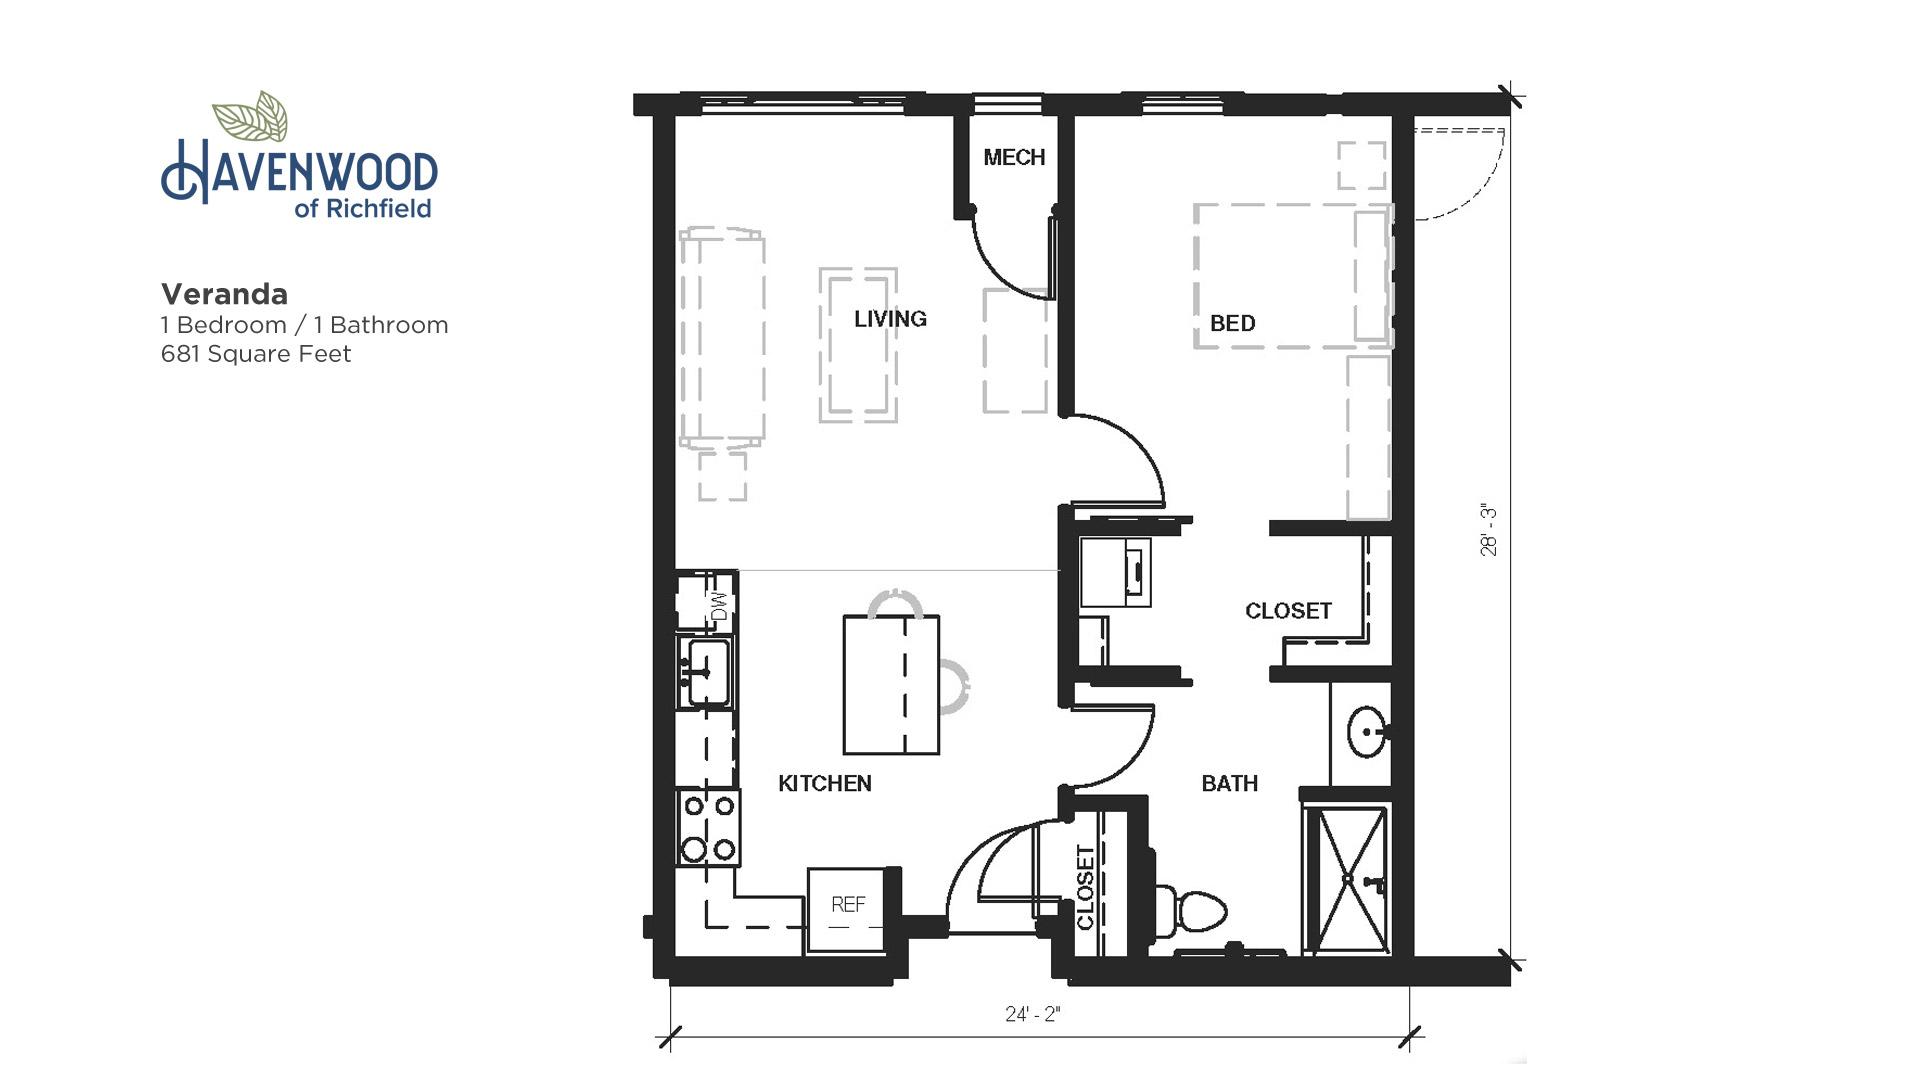 Havenwood of Richfield Veranda Floor Plan